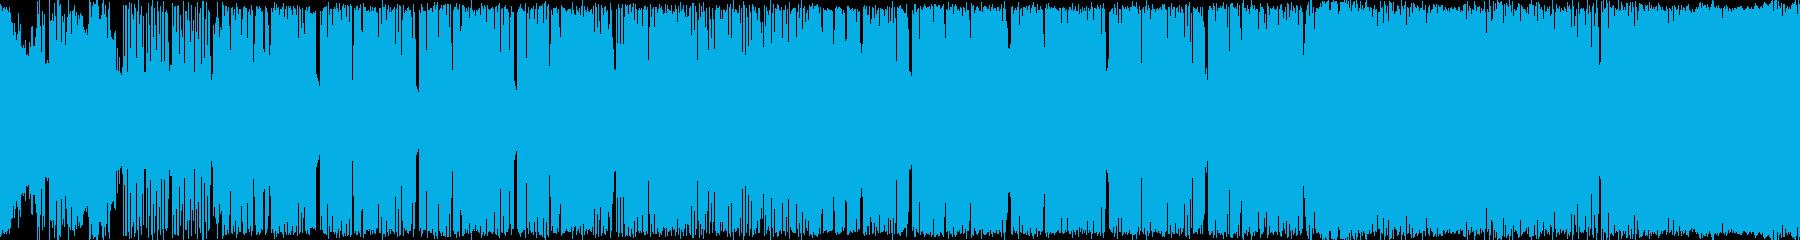 法人 サスペンス 技術的な ハイテ...の再生済みの波形